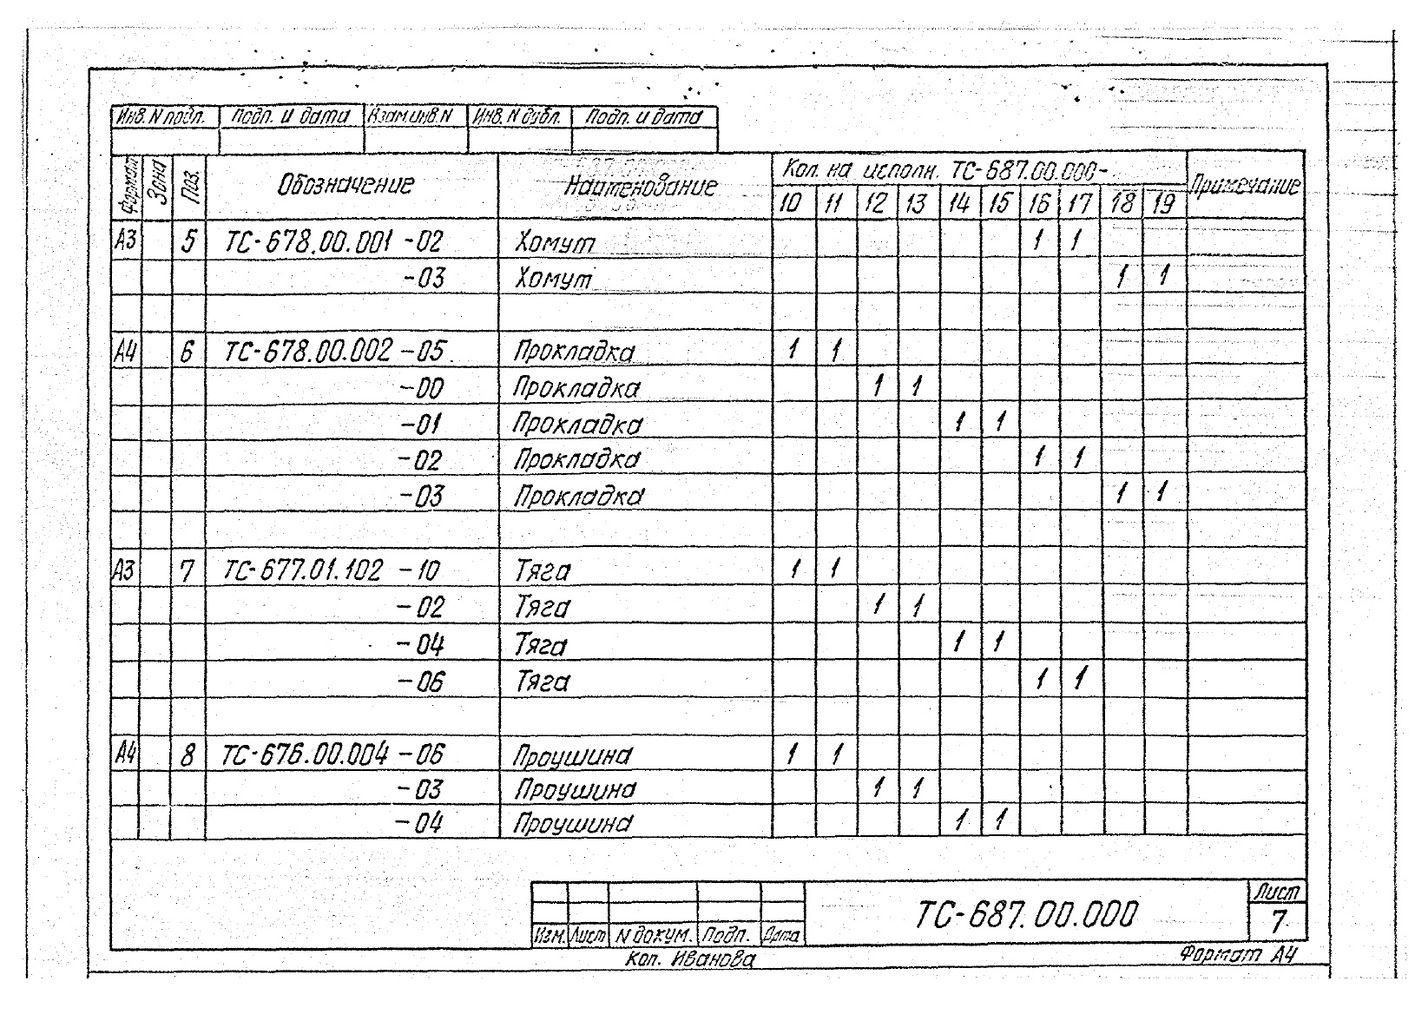 Подвески пружинные для горизонтальных трубопроводов Дн 159-426 мм ТС-687.00.000 СБ серия 5.903-13 выпуск 6-95 стр.10